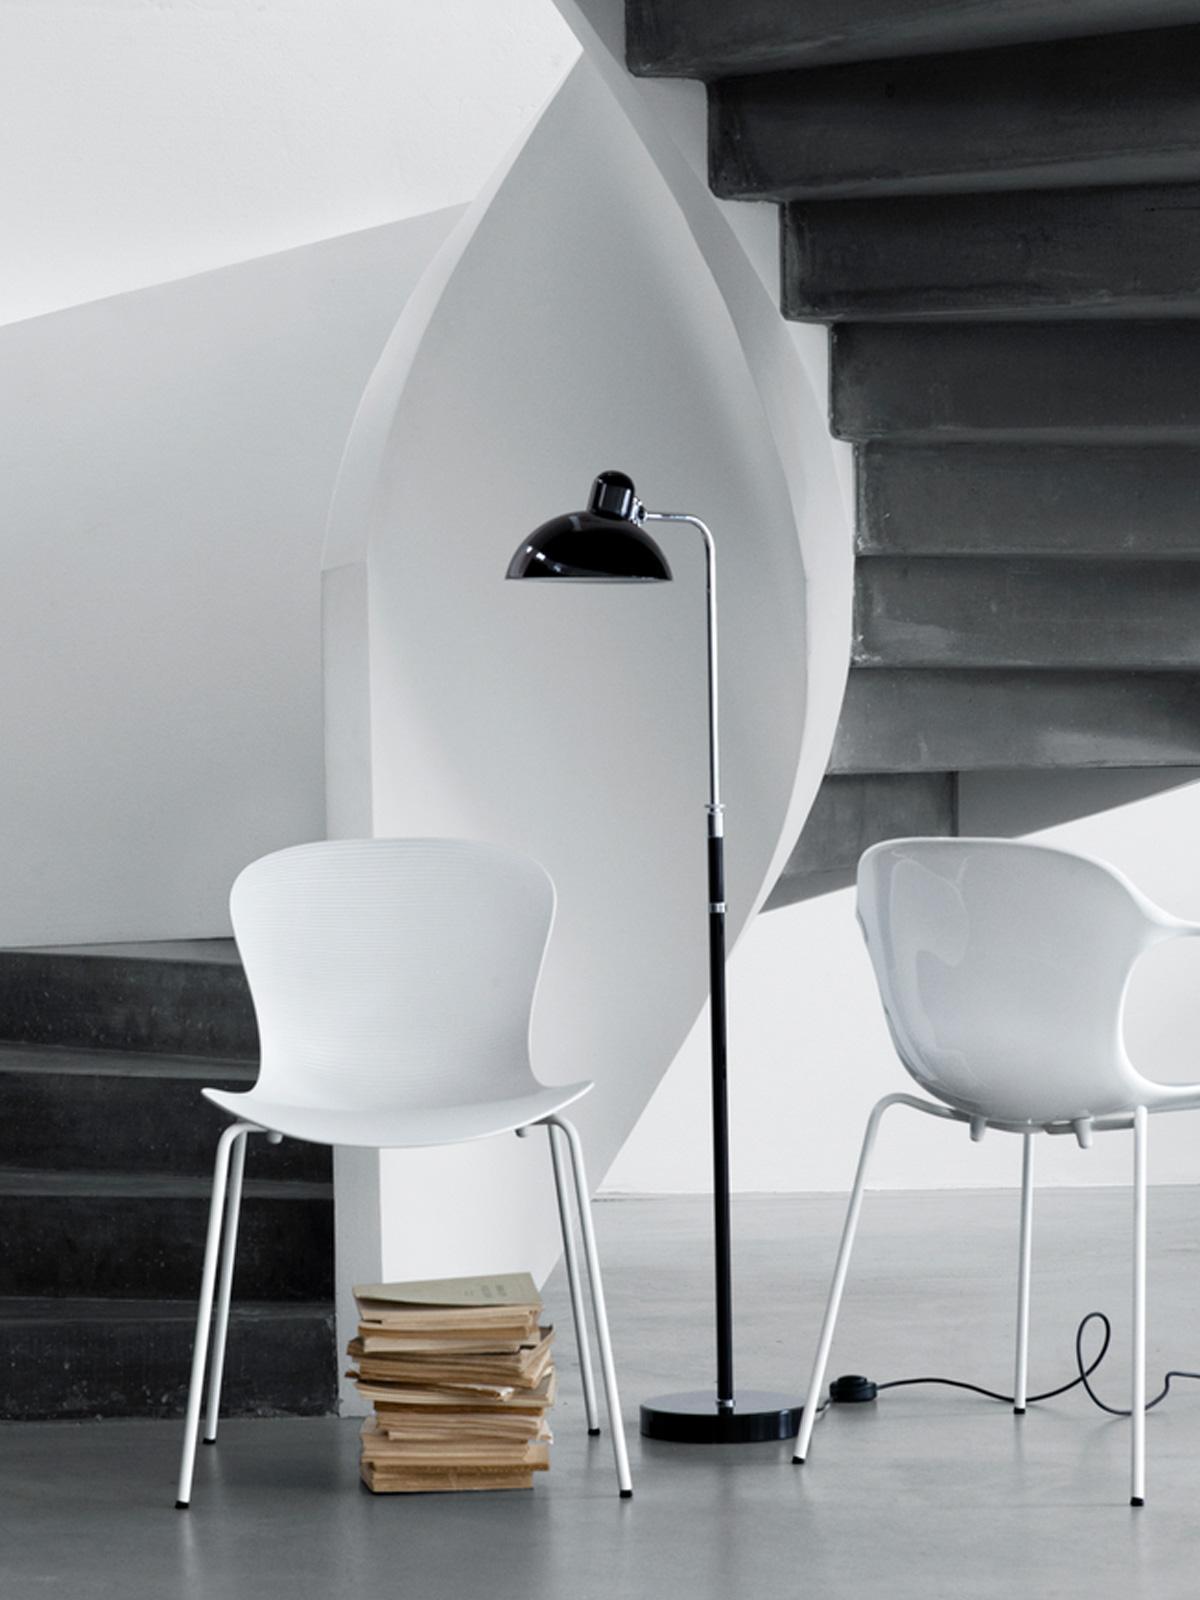 DesignOrt Lampenblog: Eine Lampenfamilie stellt sich vor - Stehleuchte im Bauhaus Stil